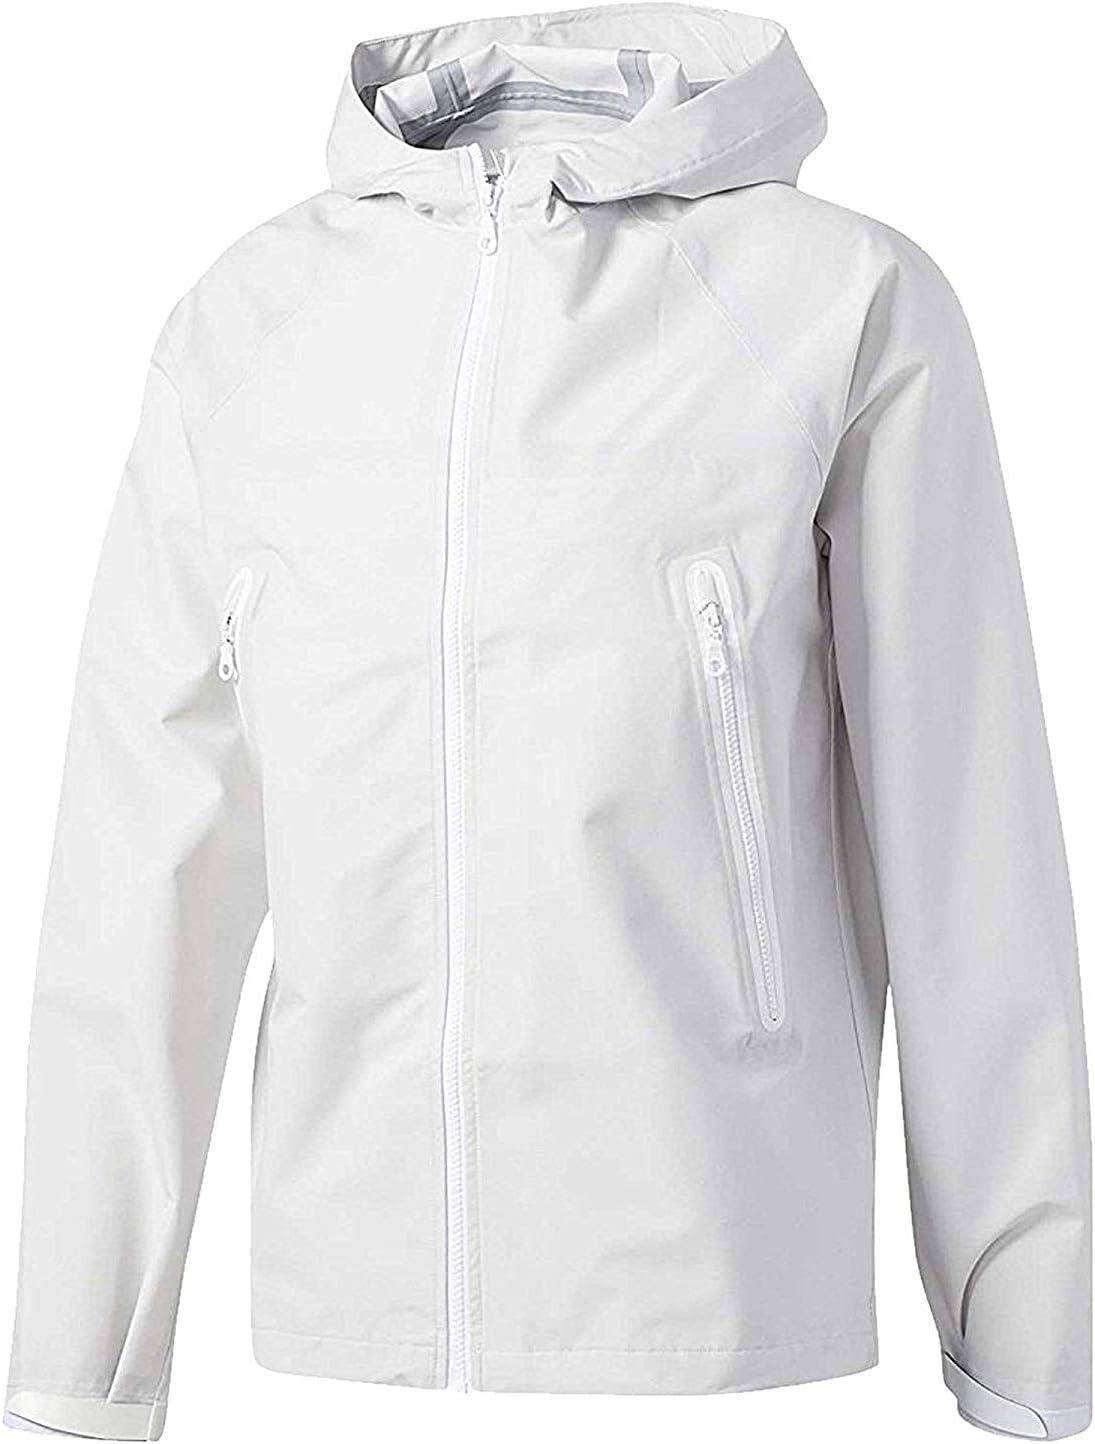 adidas Men Originals Men's Trefoil Hard Shell Jacket BR4152